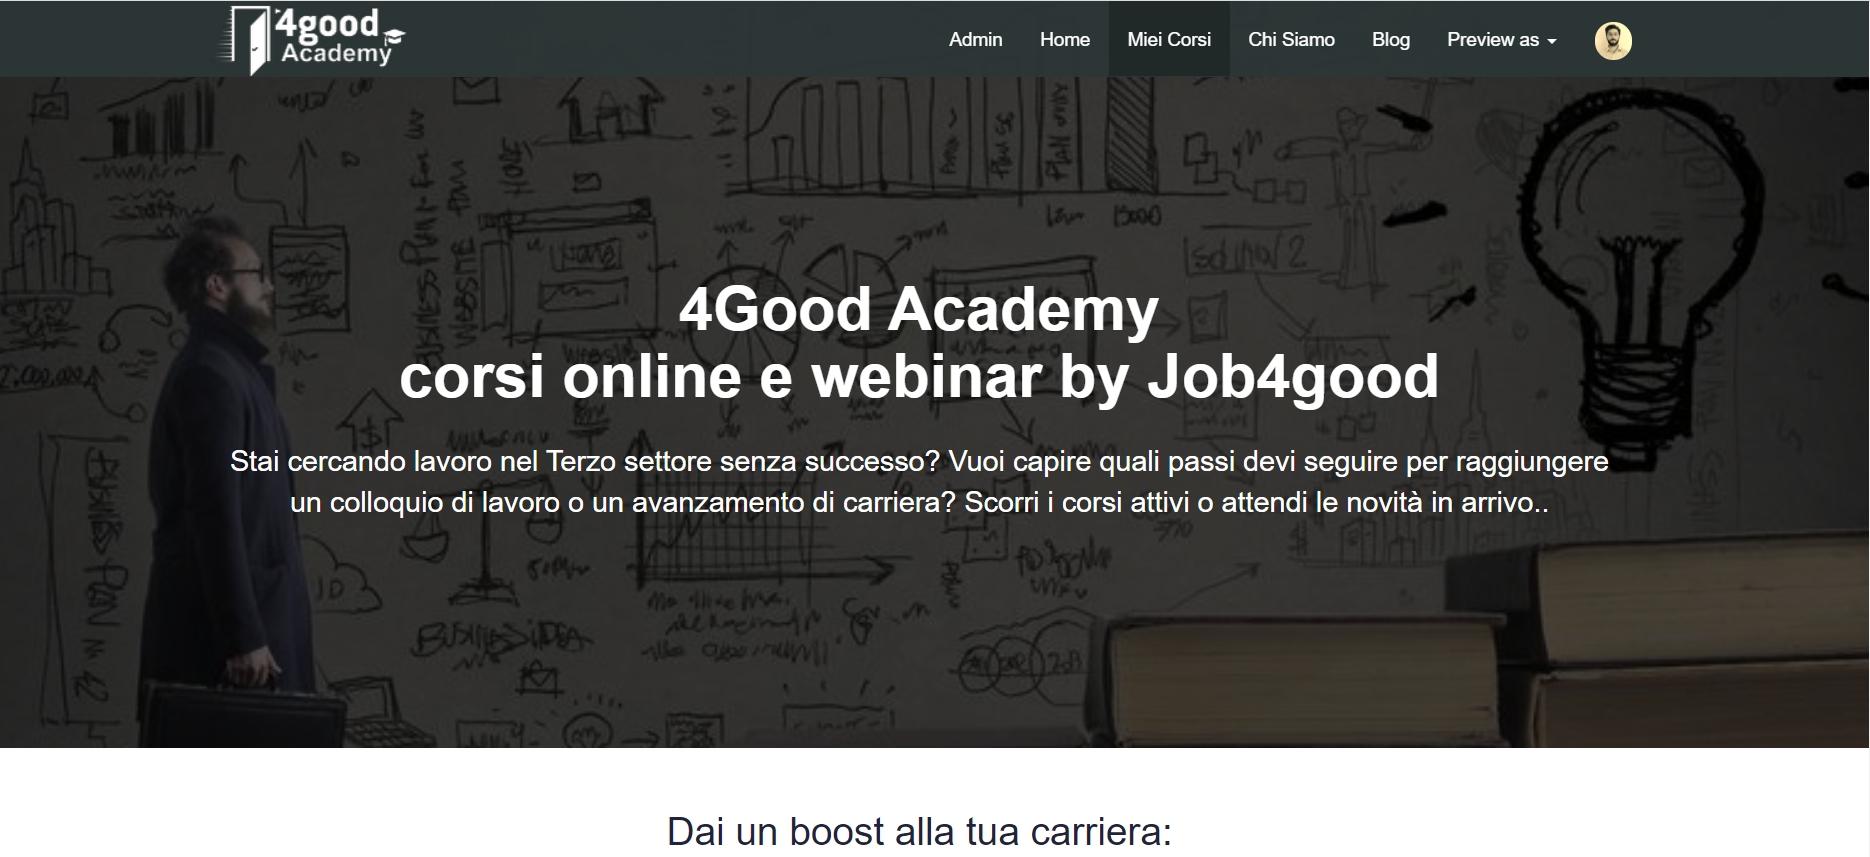 4goodAcademy.it